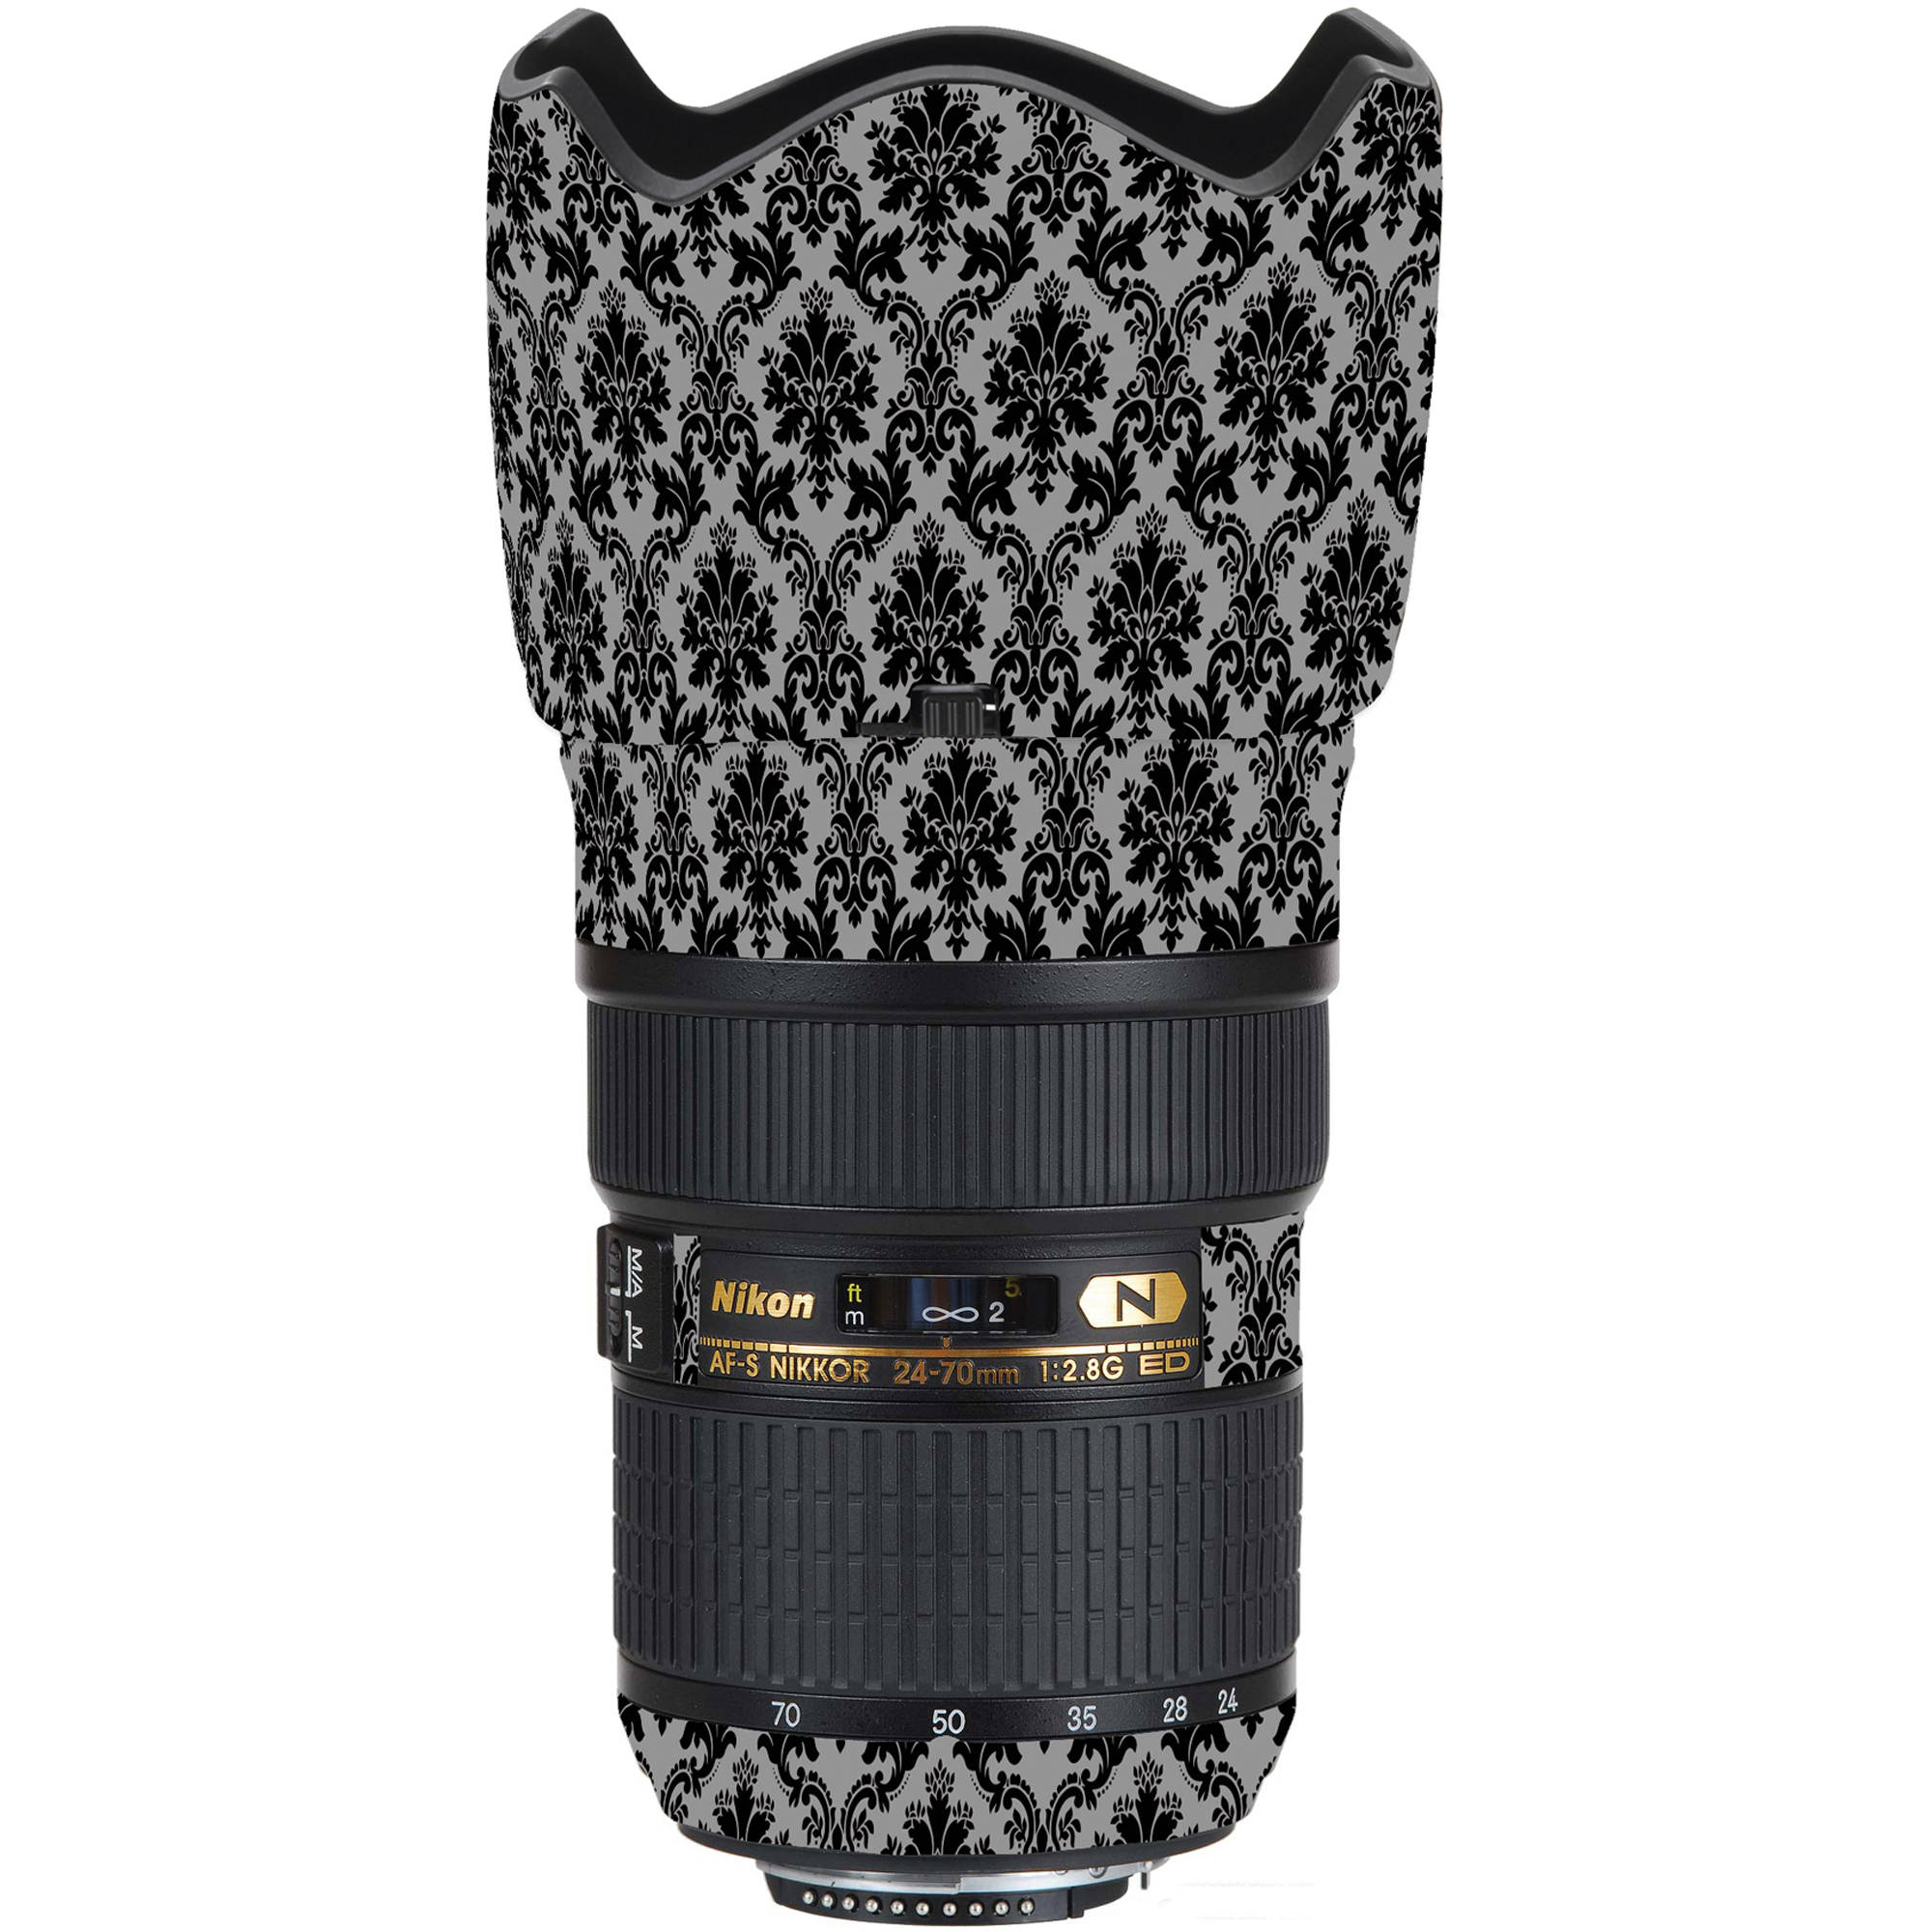 LensSkins_LS_N2470F28GD_Lens_Wrap_for_Nikon_814641.jpg